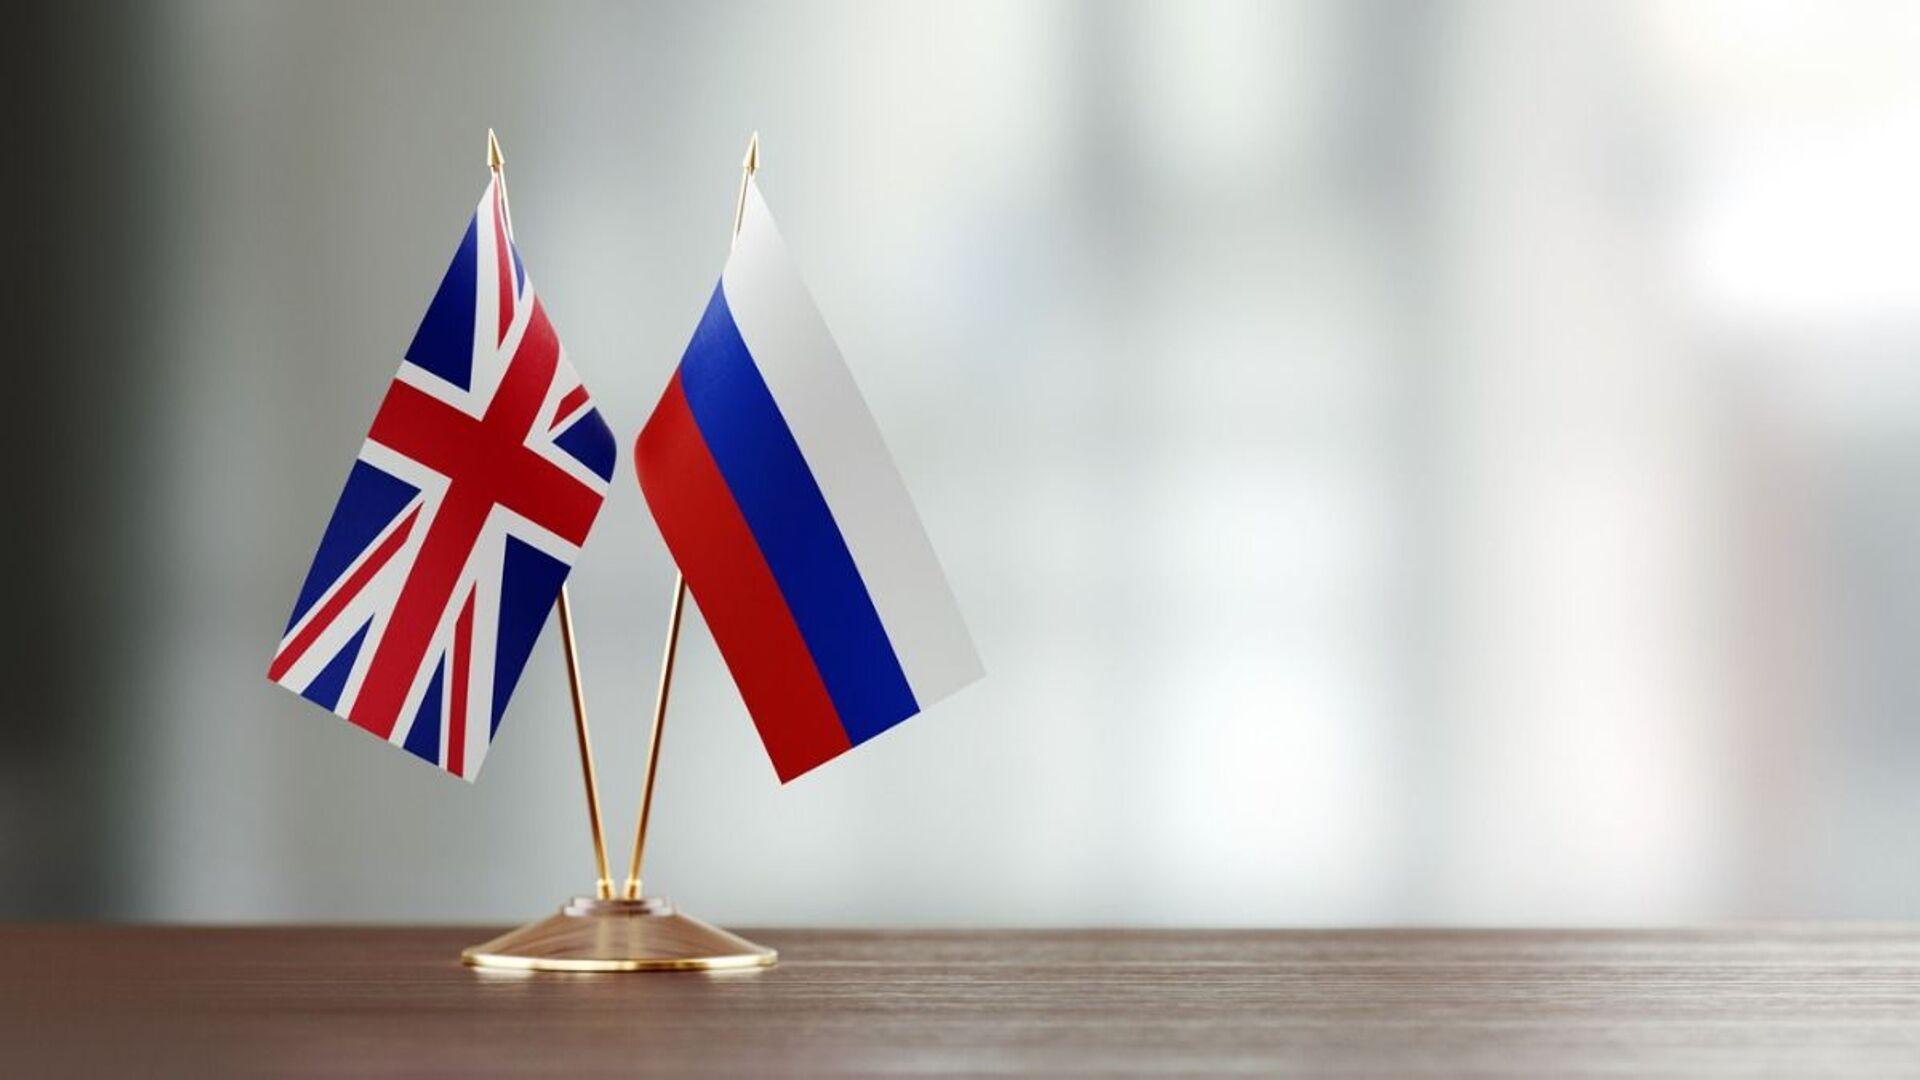 Rusya - İngiltere - Sputnik Türkiye, 1920, 26.04.2021